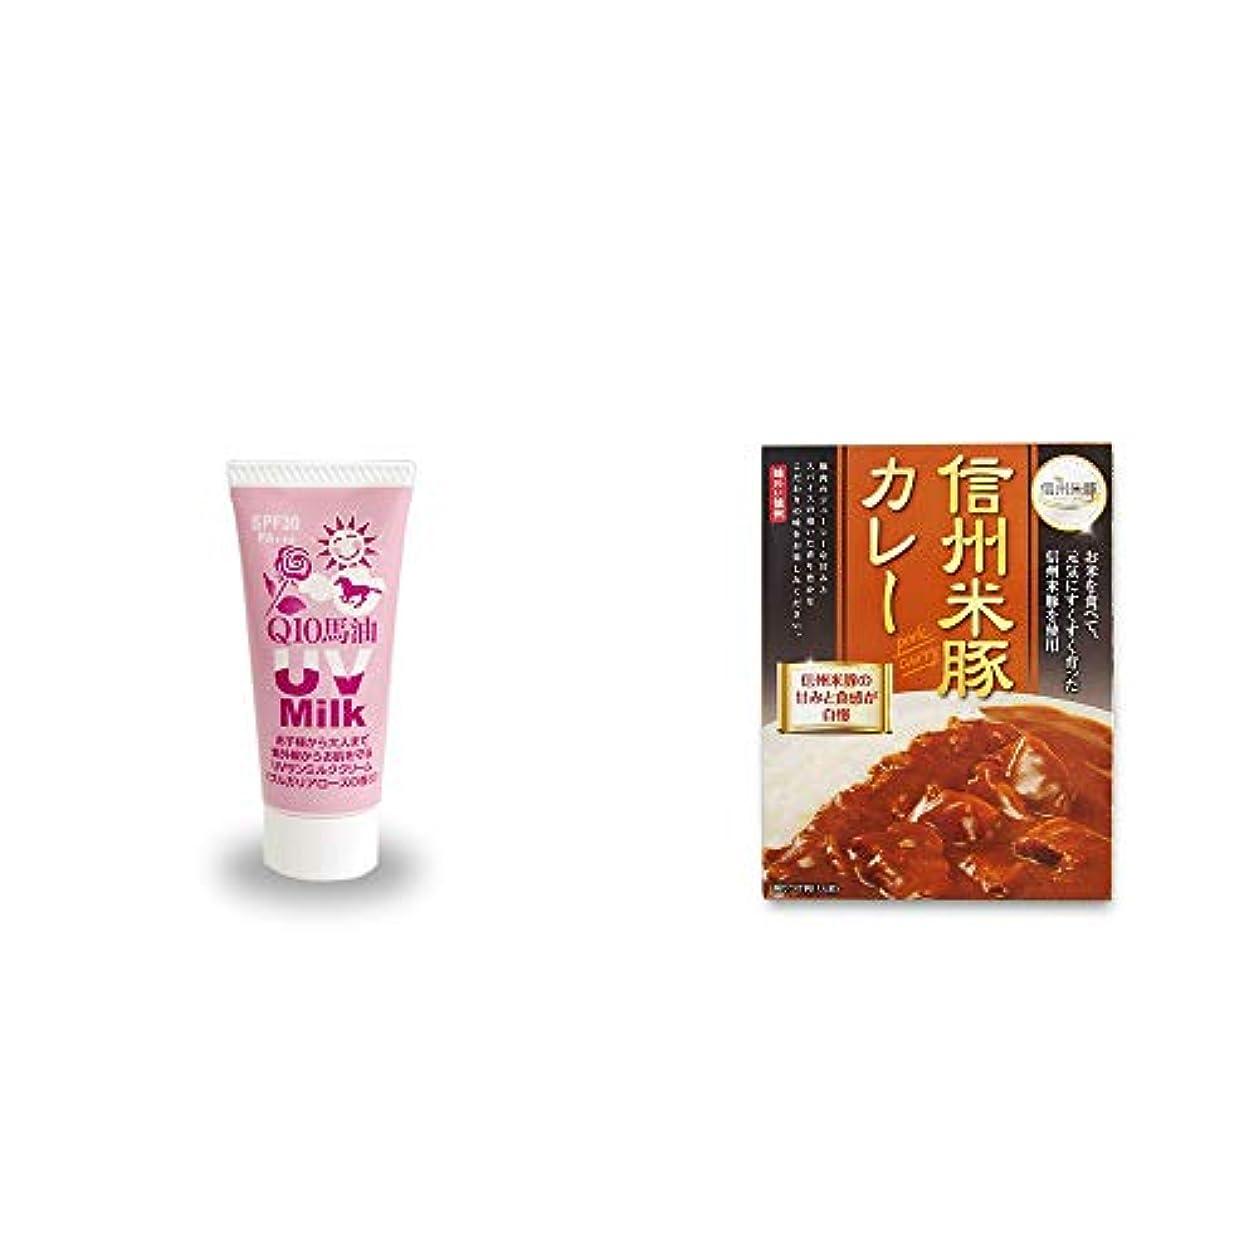 レジナイトスポットすべて[2点セット] 炭黒泉 Q10馬油 UVサンミルク[ブルガリアローズ](40g)?信州米豚カレー(1食分)